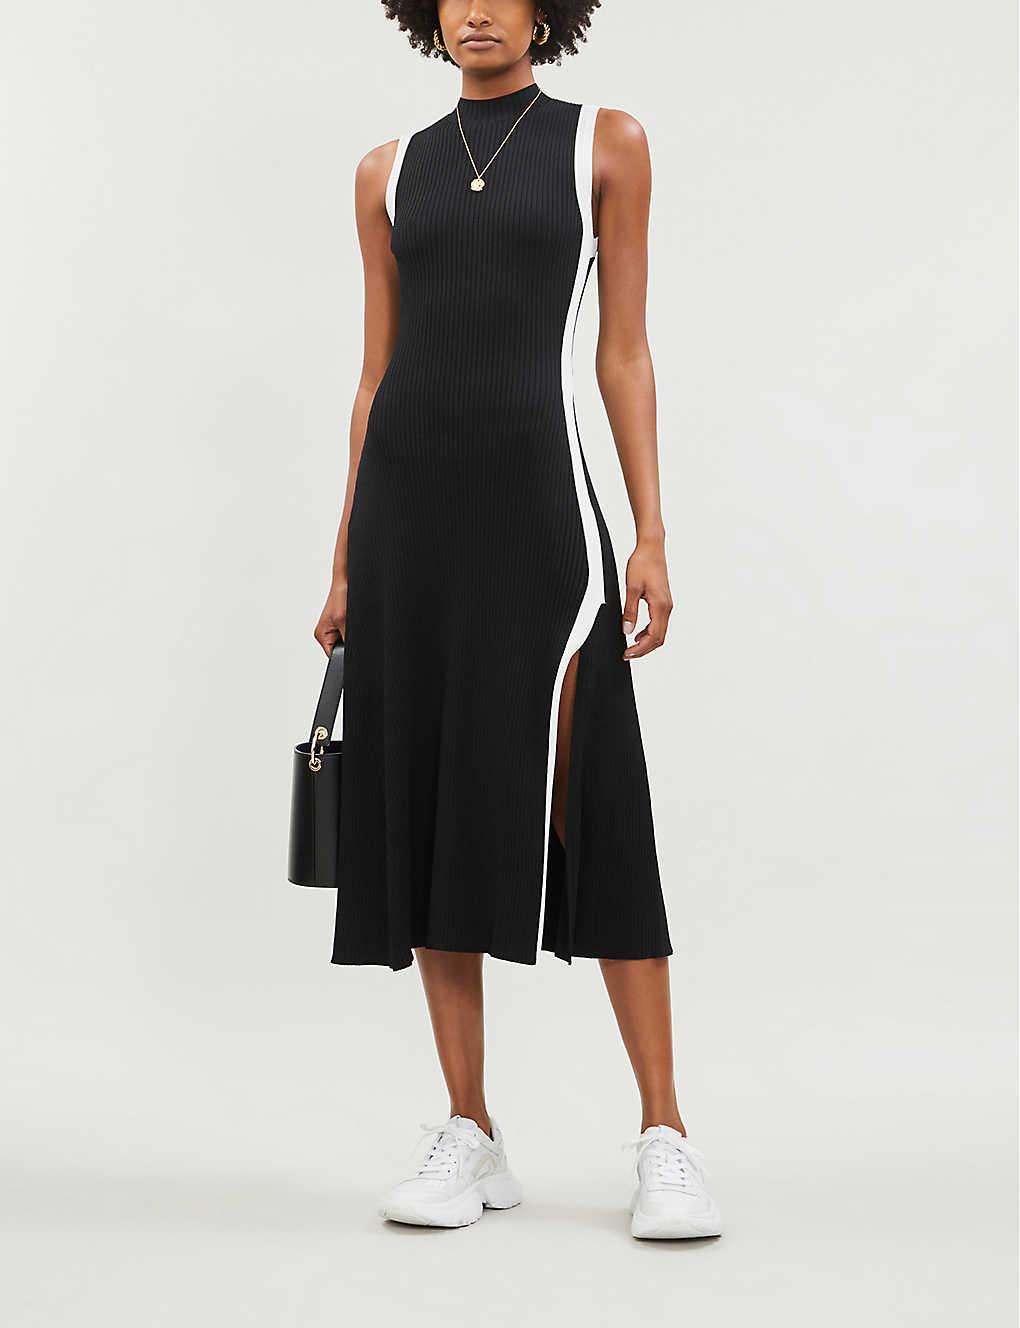 Contrast-trim flared stretch-knit dress(8123386)